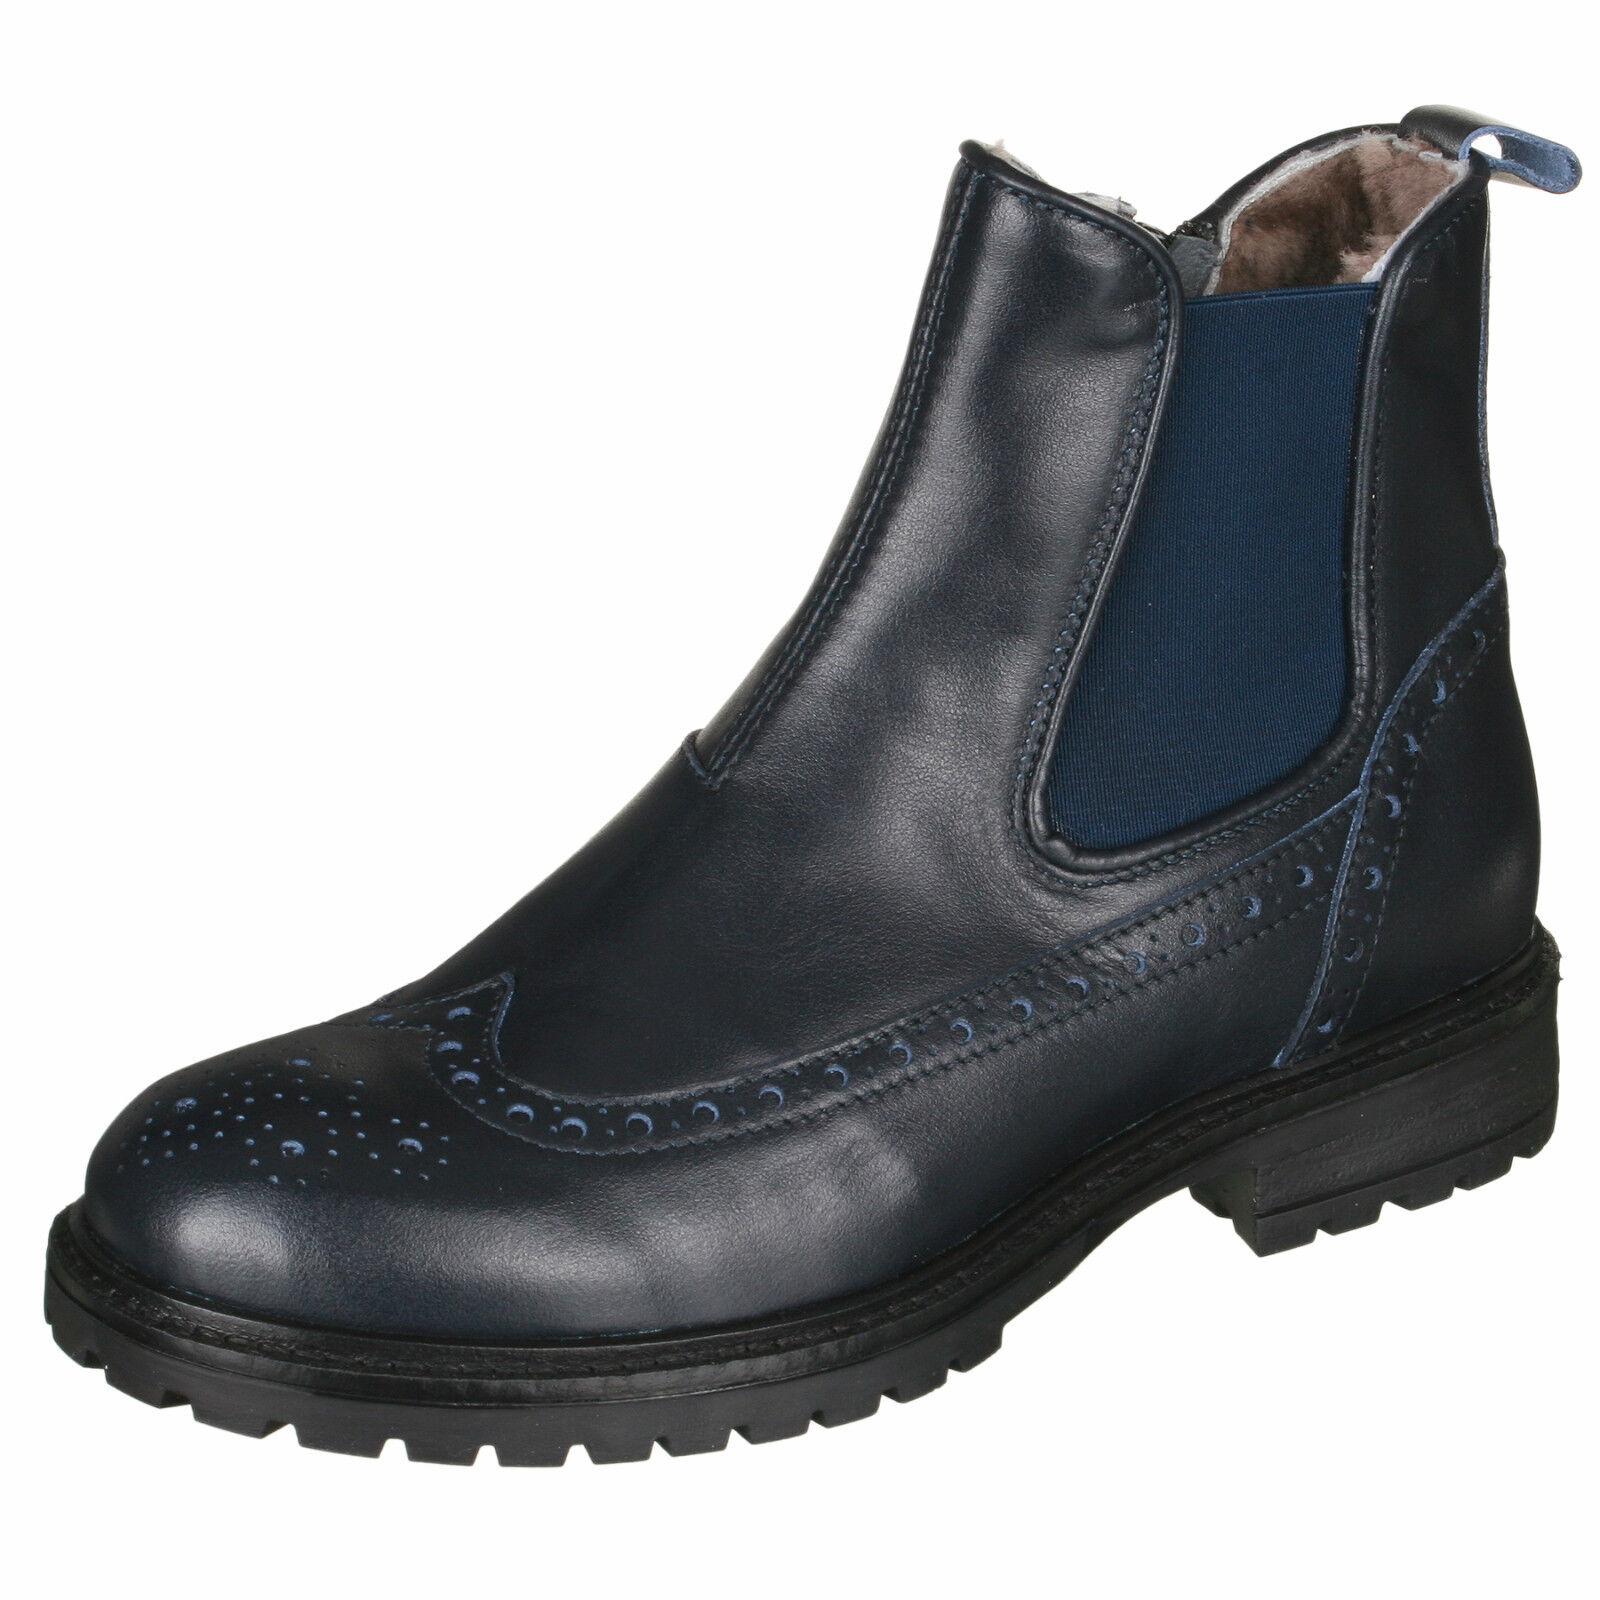 Momino 3422m 3422m 3422m botines botas chelsea cordero botas Budapest azul 33-36 nuevo  barato y de alta calidad